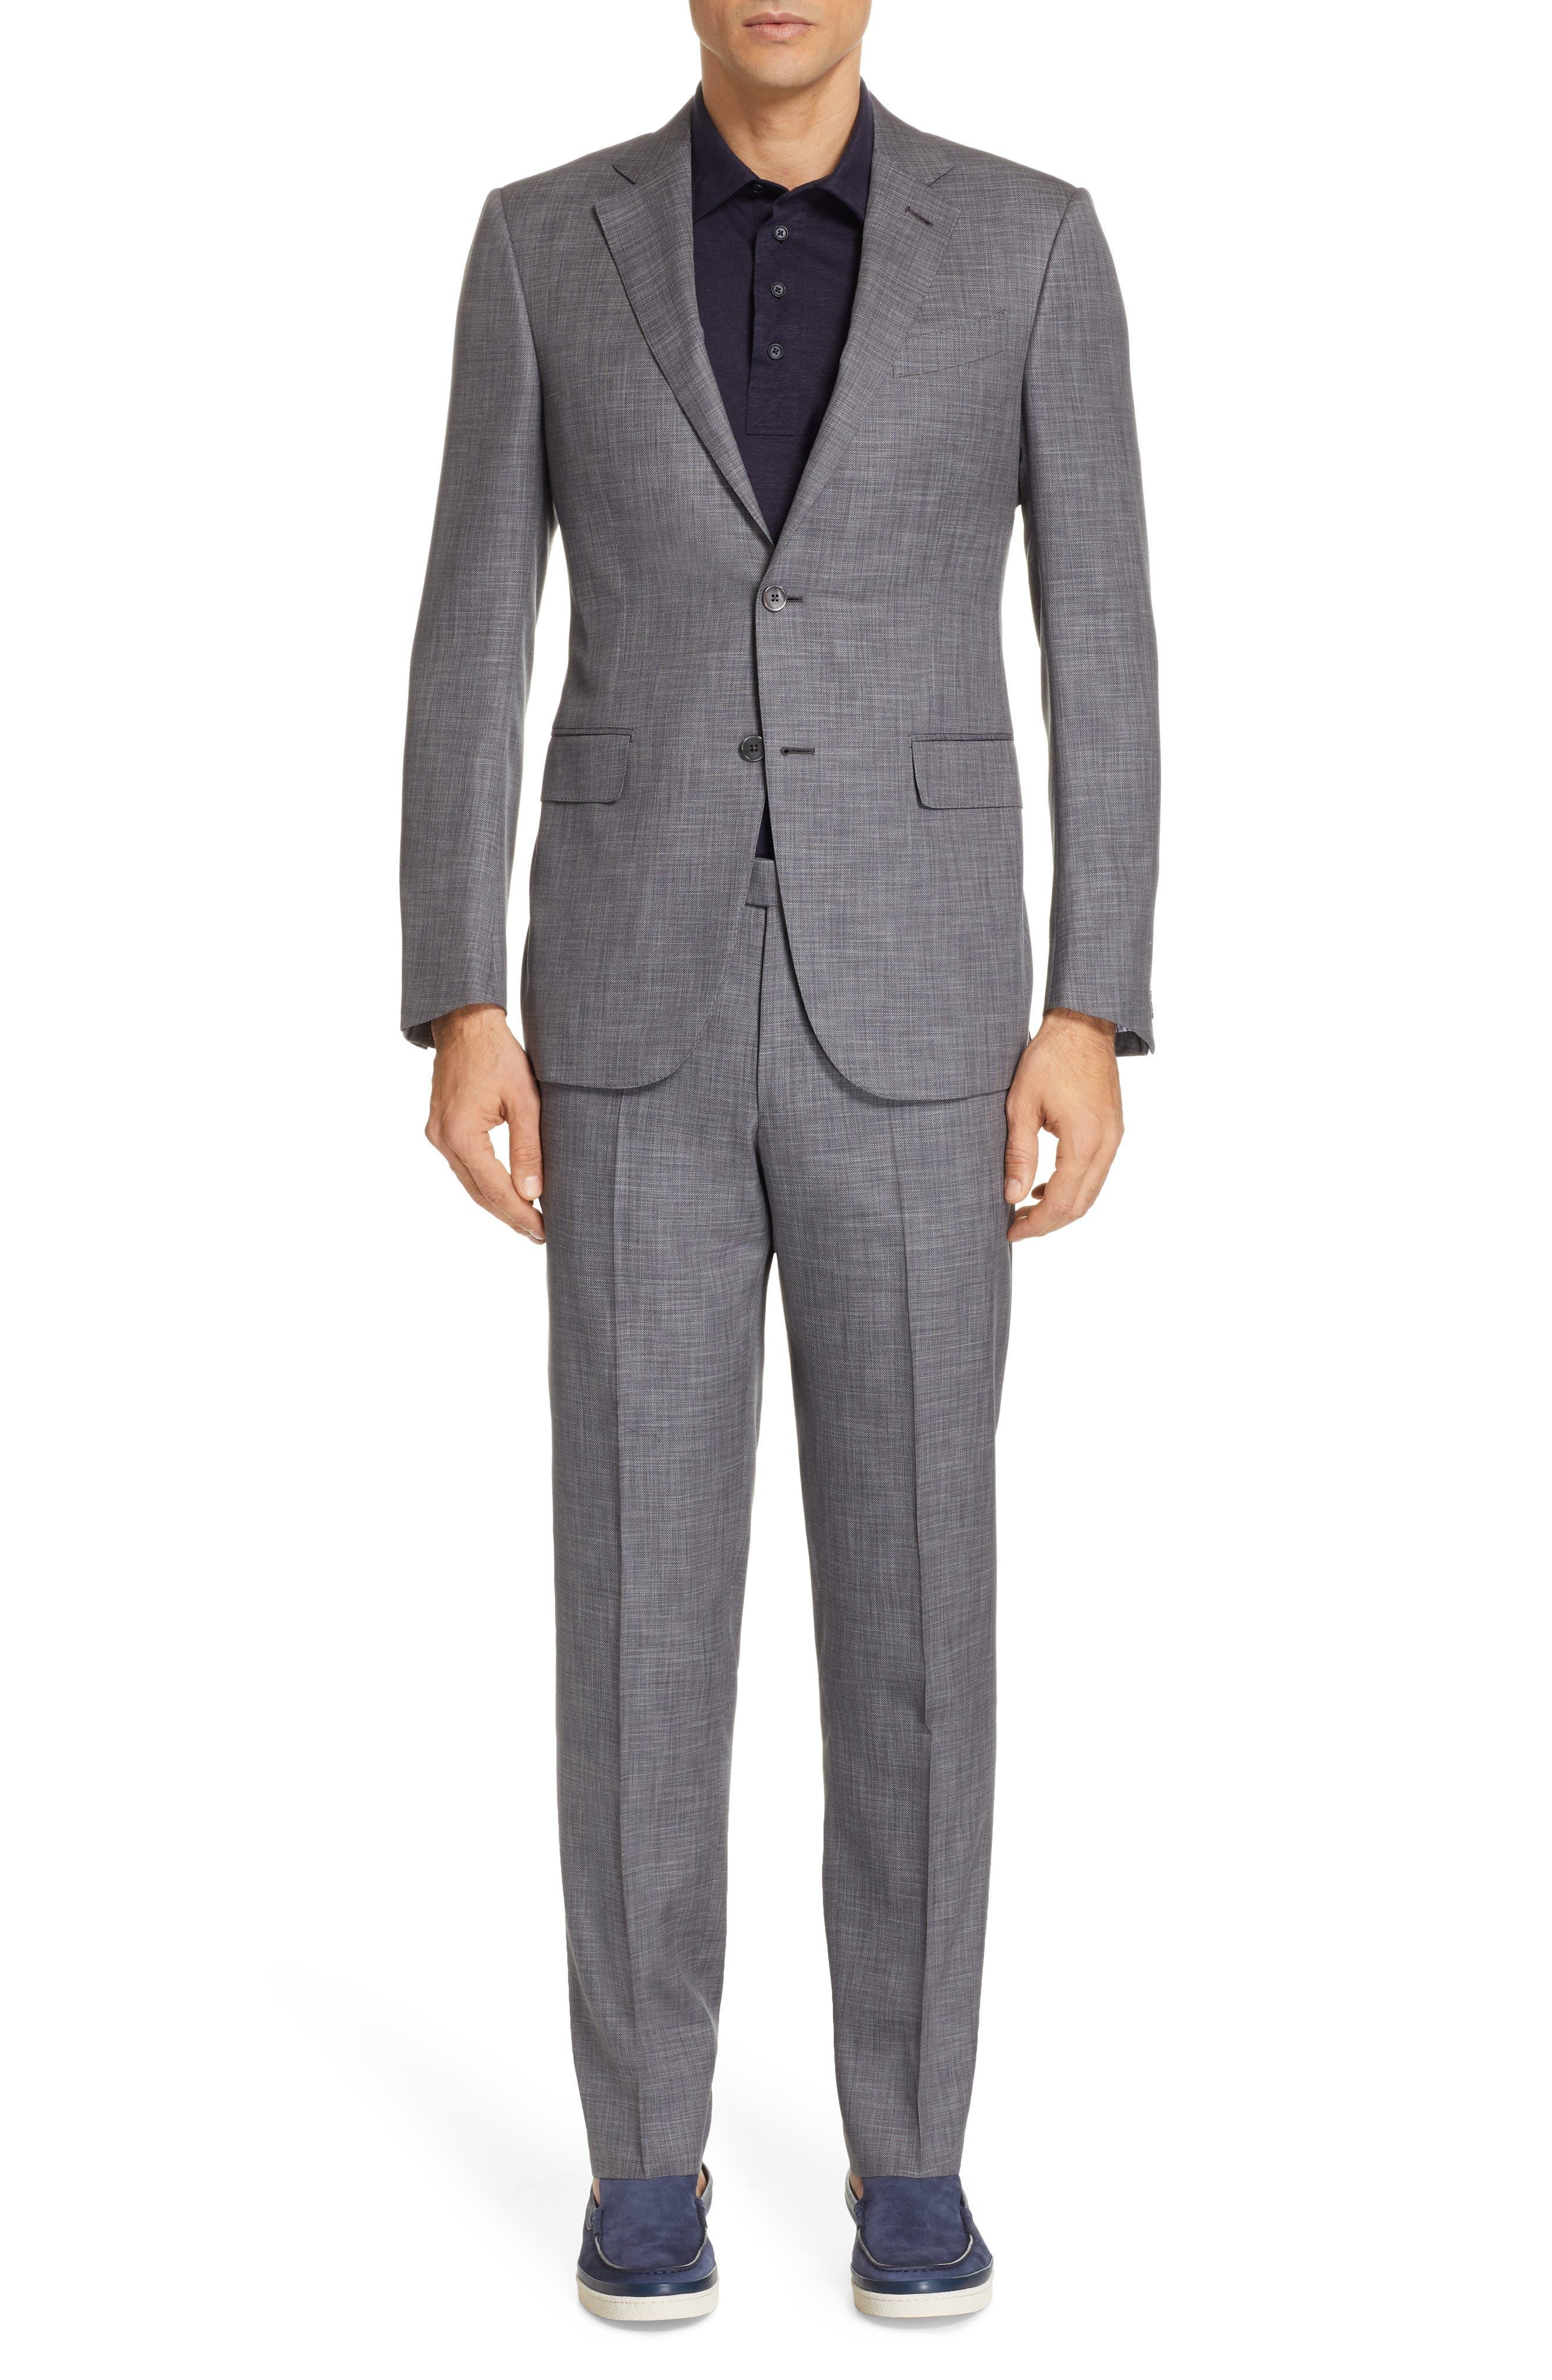 b9b7ca61 Buy ermenegildo zegna suits for men - Best men's ermenegildo zegna ...